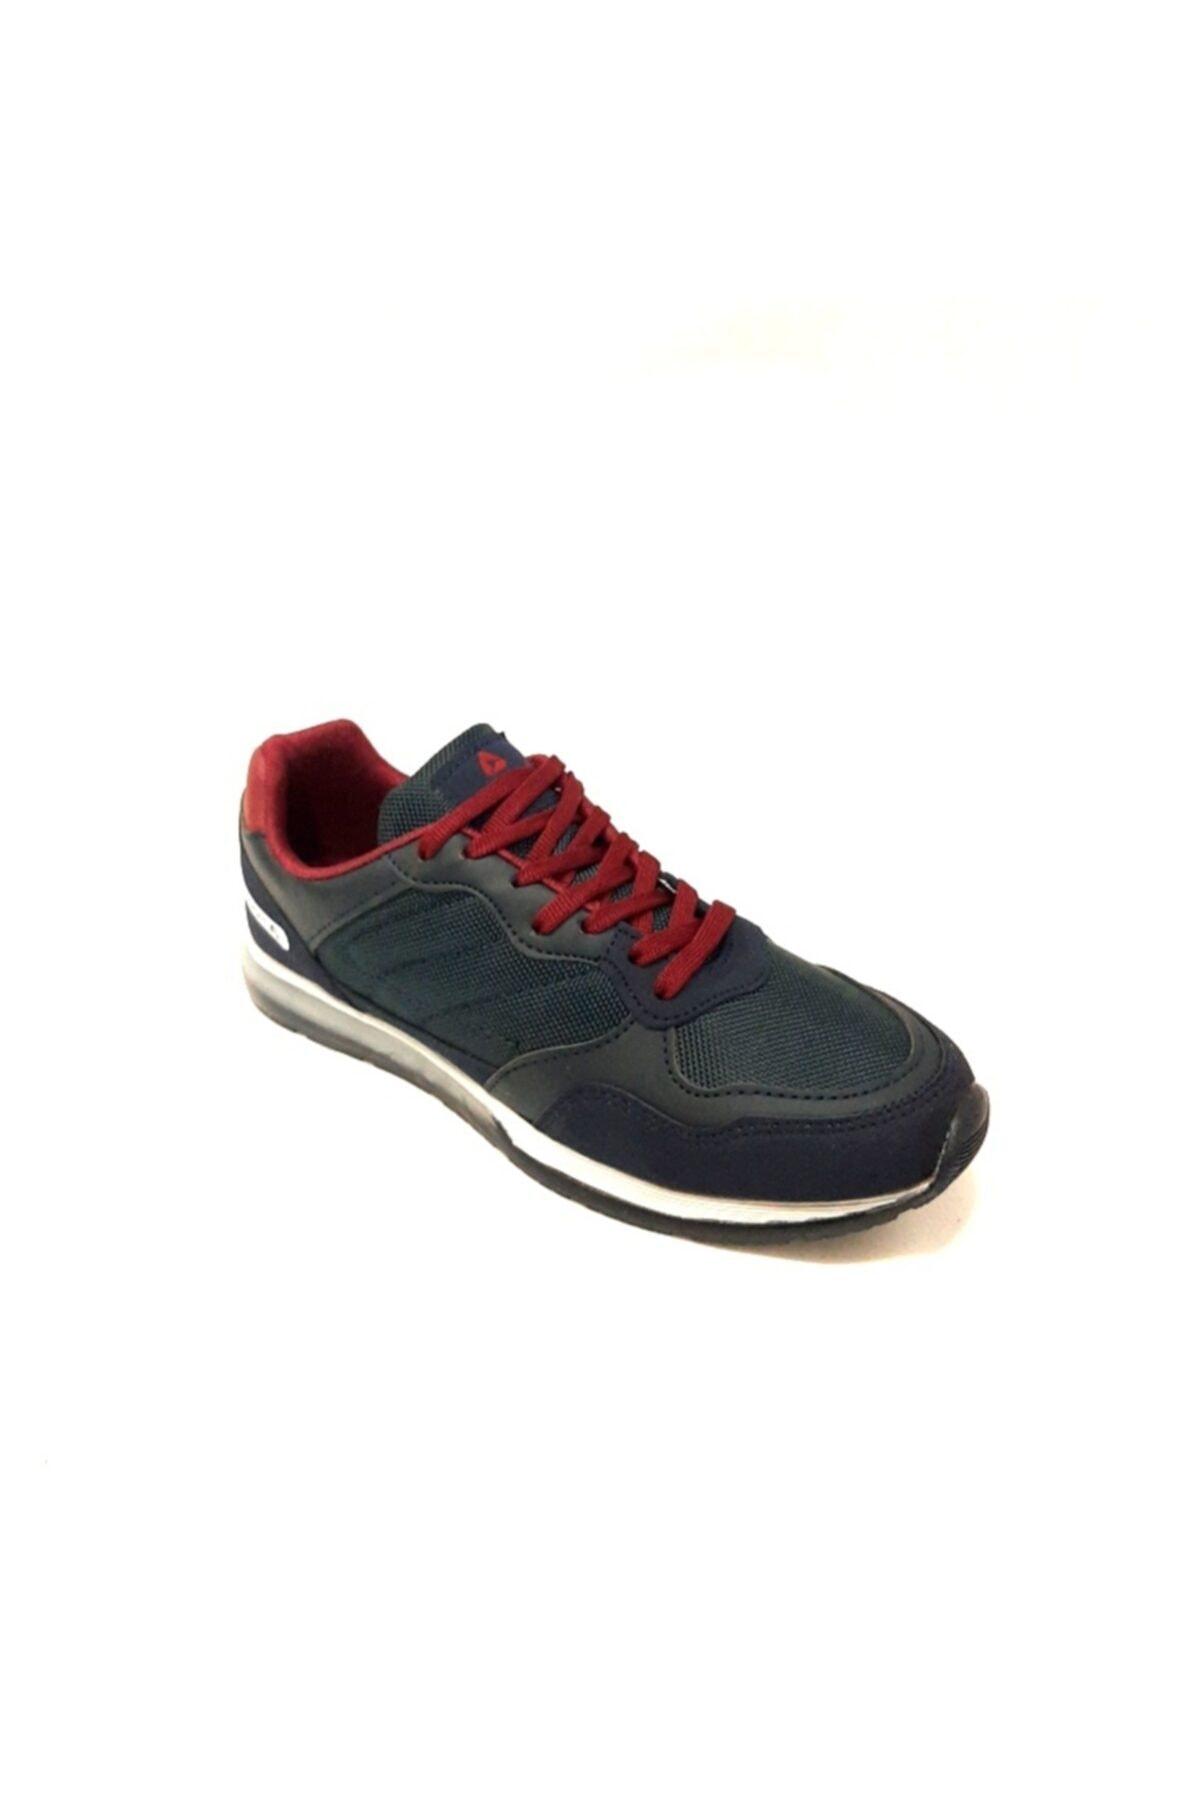 LETOON Jel Taban Lacivert Erkek Spor Ayakkabı 2